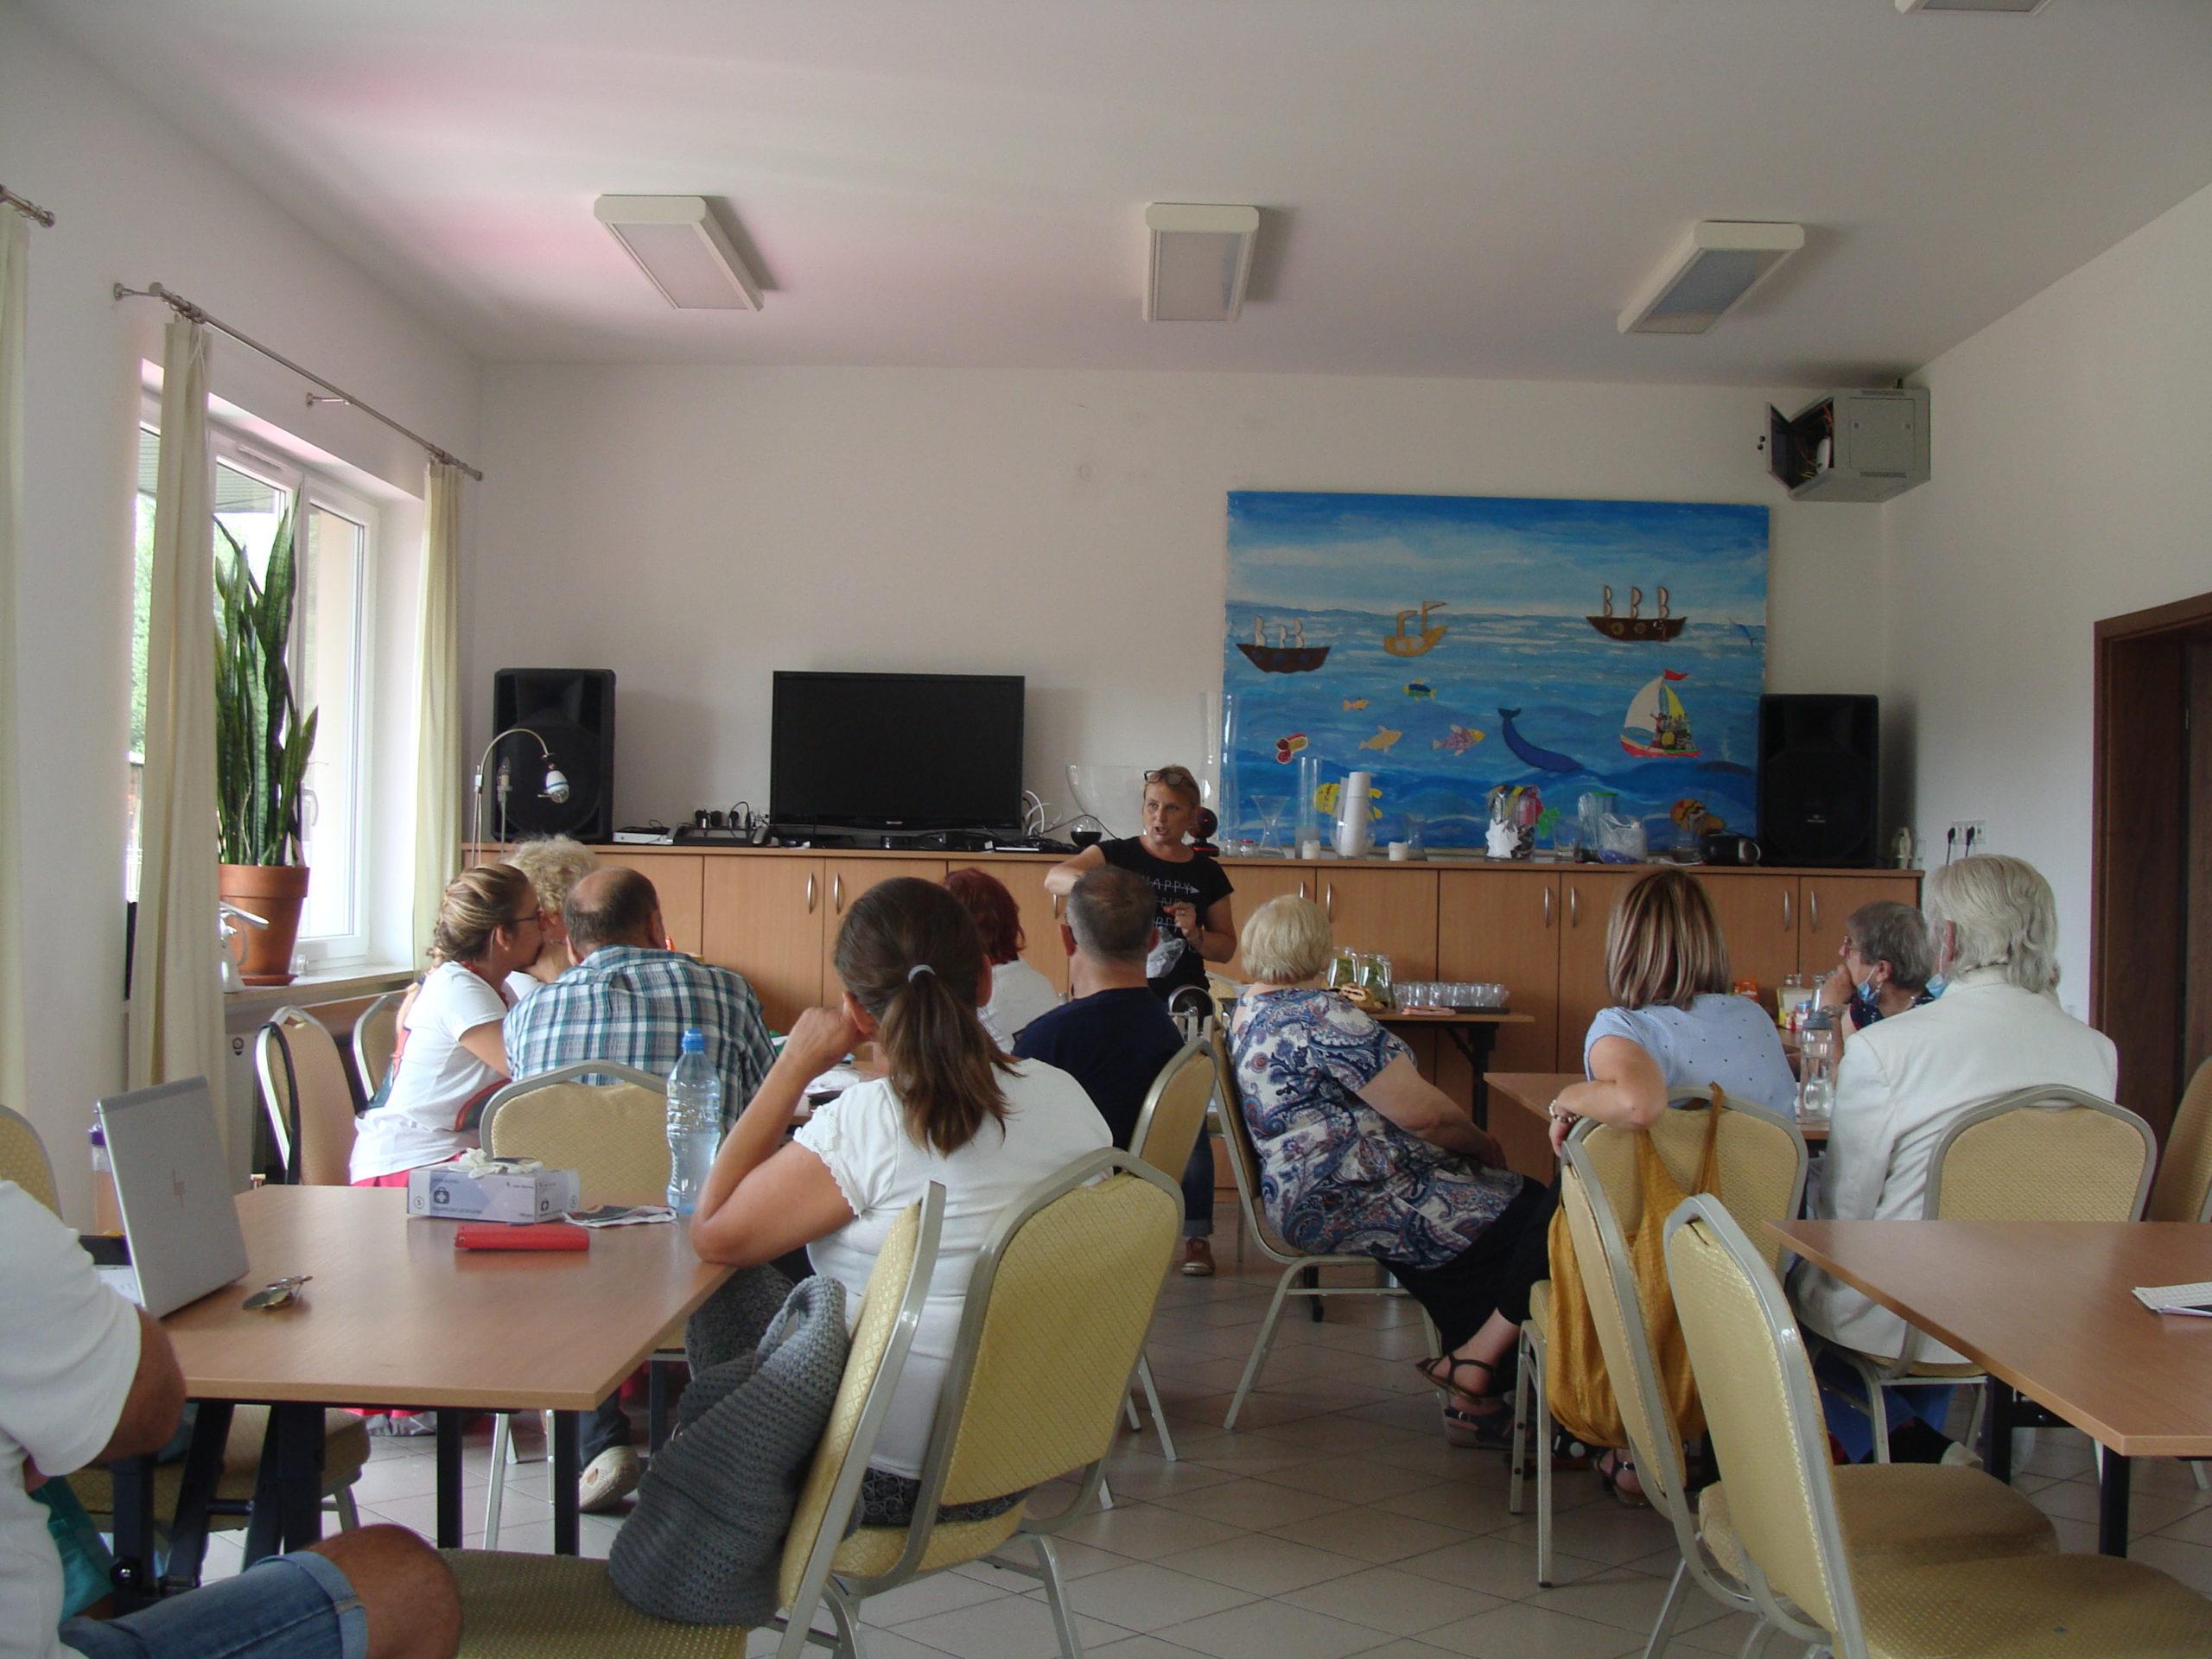 Uczestnicy warsztatów przygotowywania wędlin domowymi sposobami w świetlicy w Izabeli